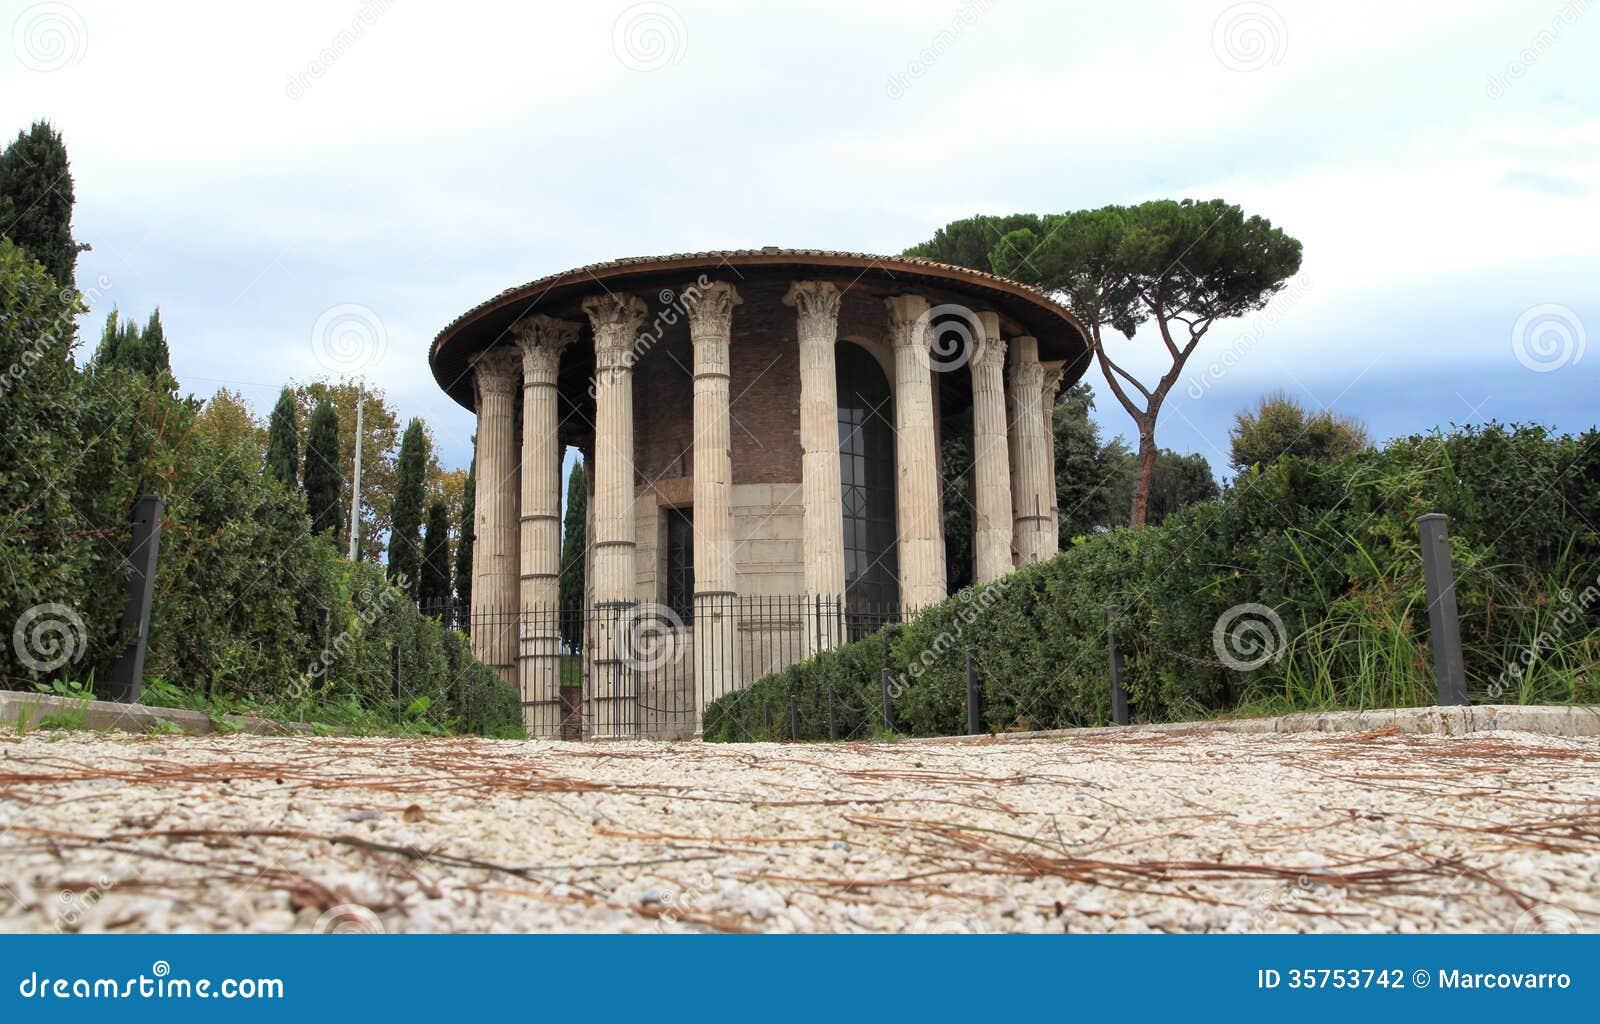 De tempel van Hercules